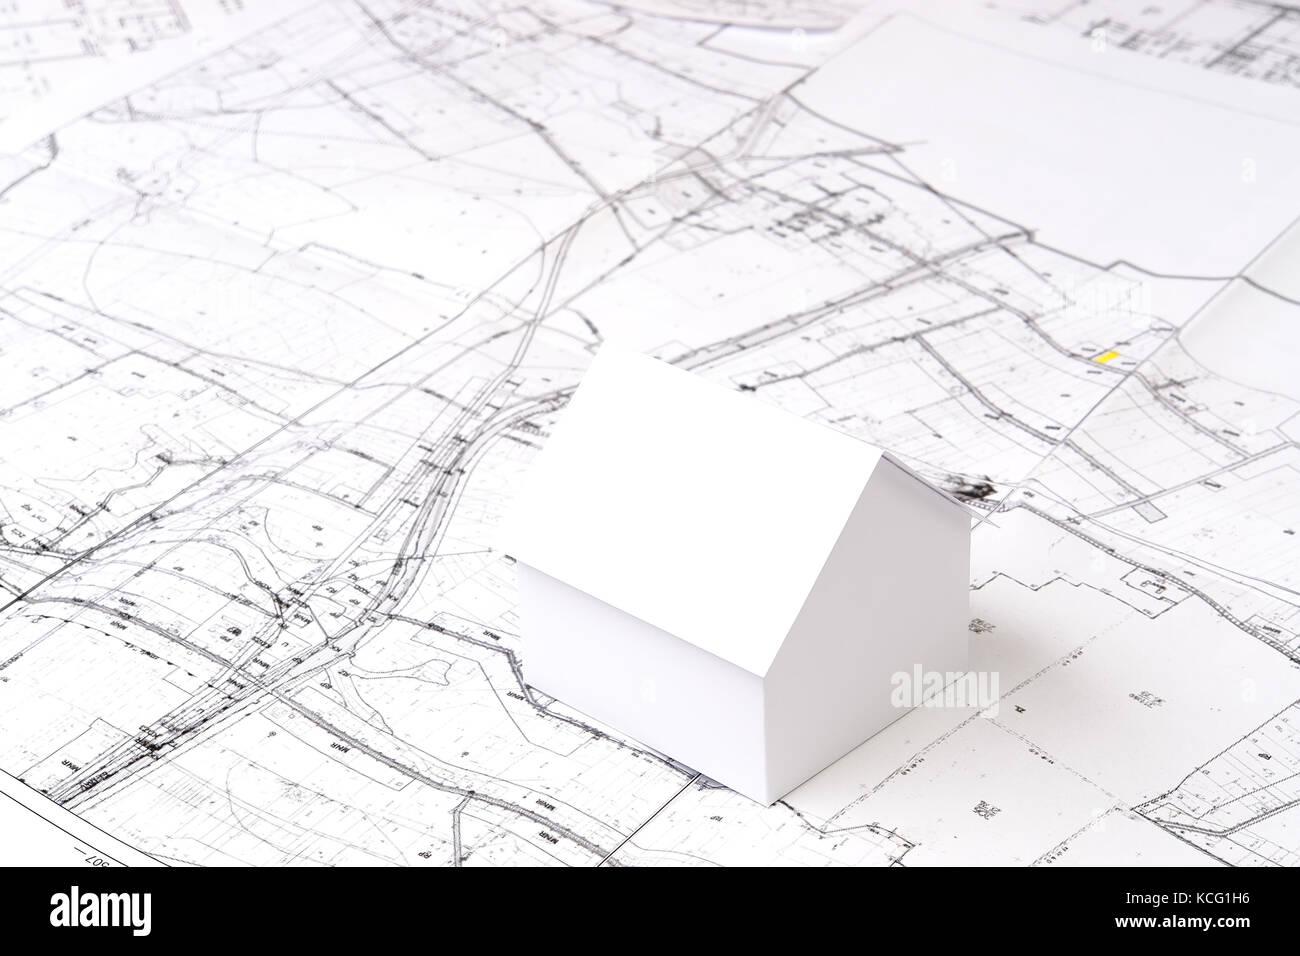 White Little Cardboard House Model On Building Plan Stock